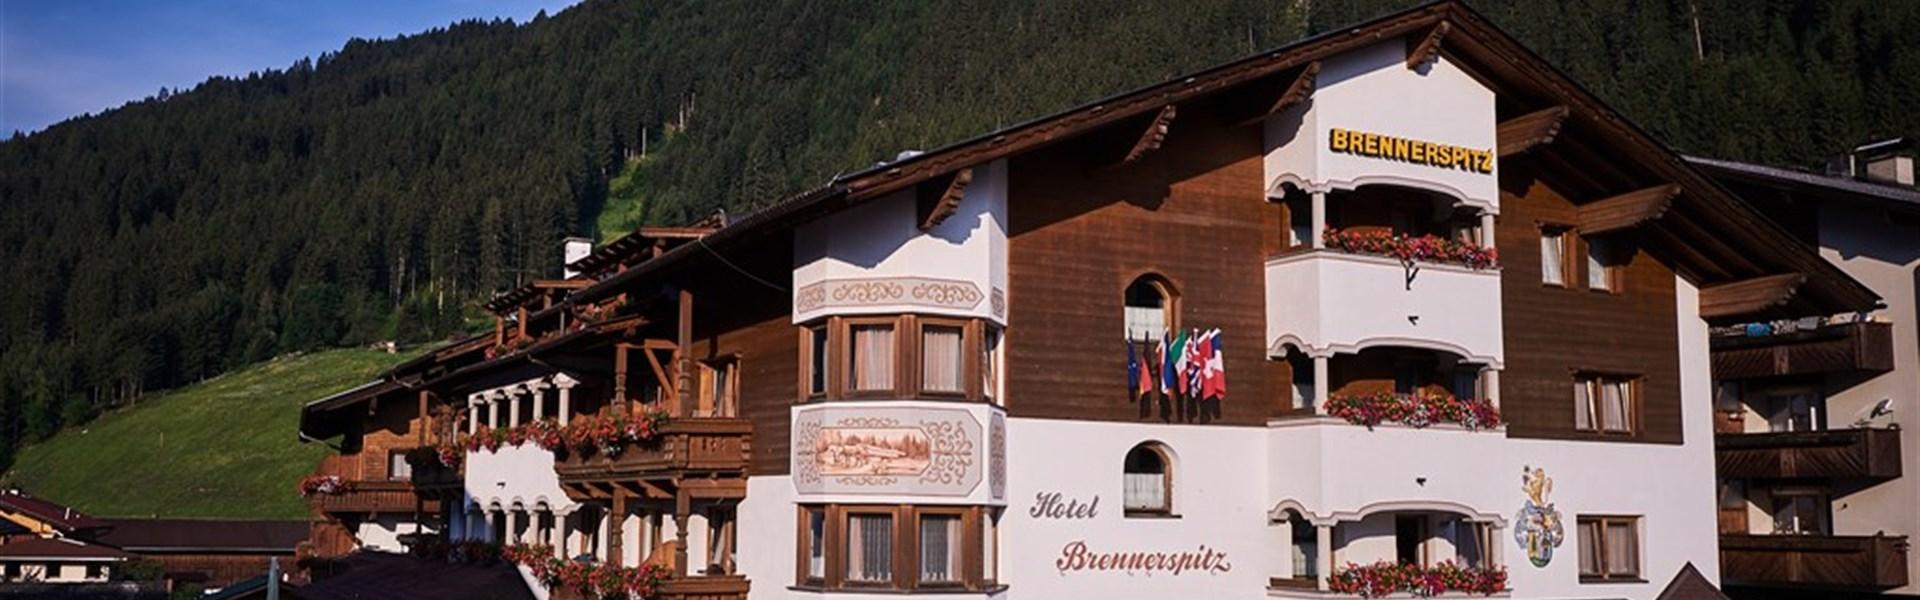 Hotel Brennerspitz -